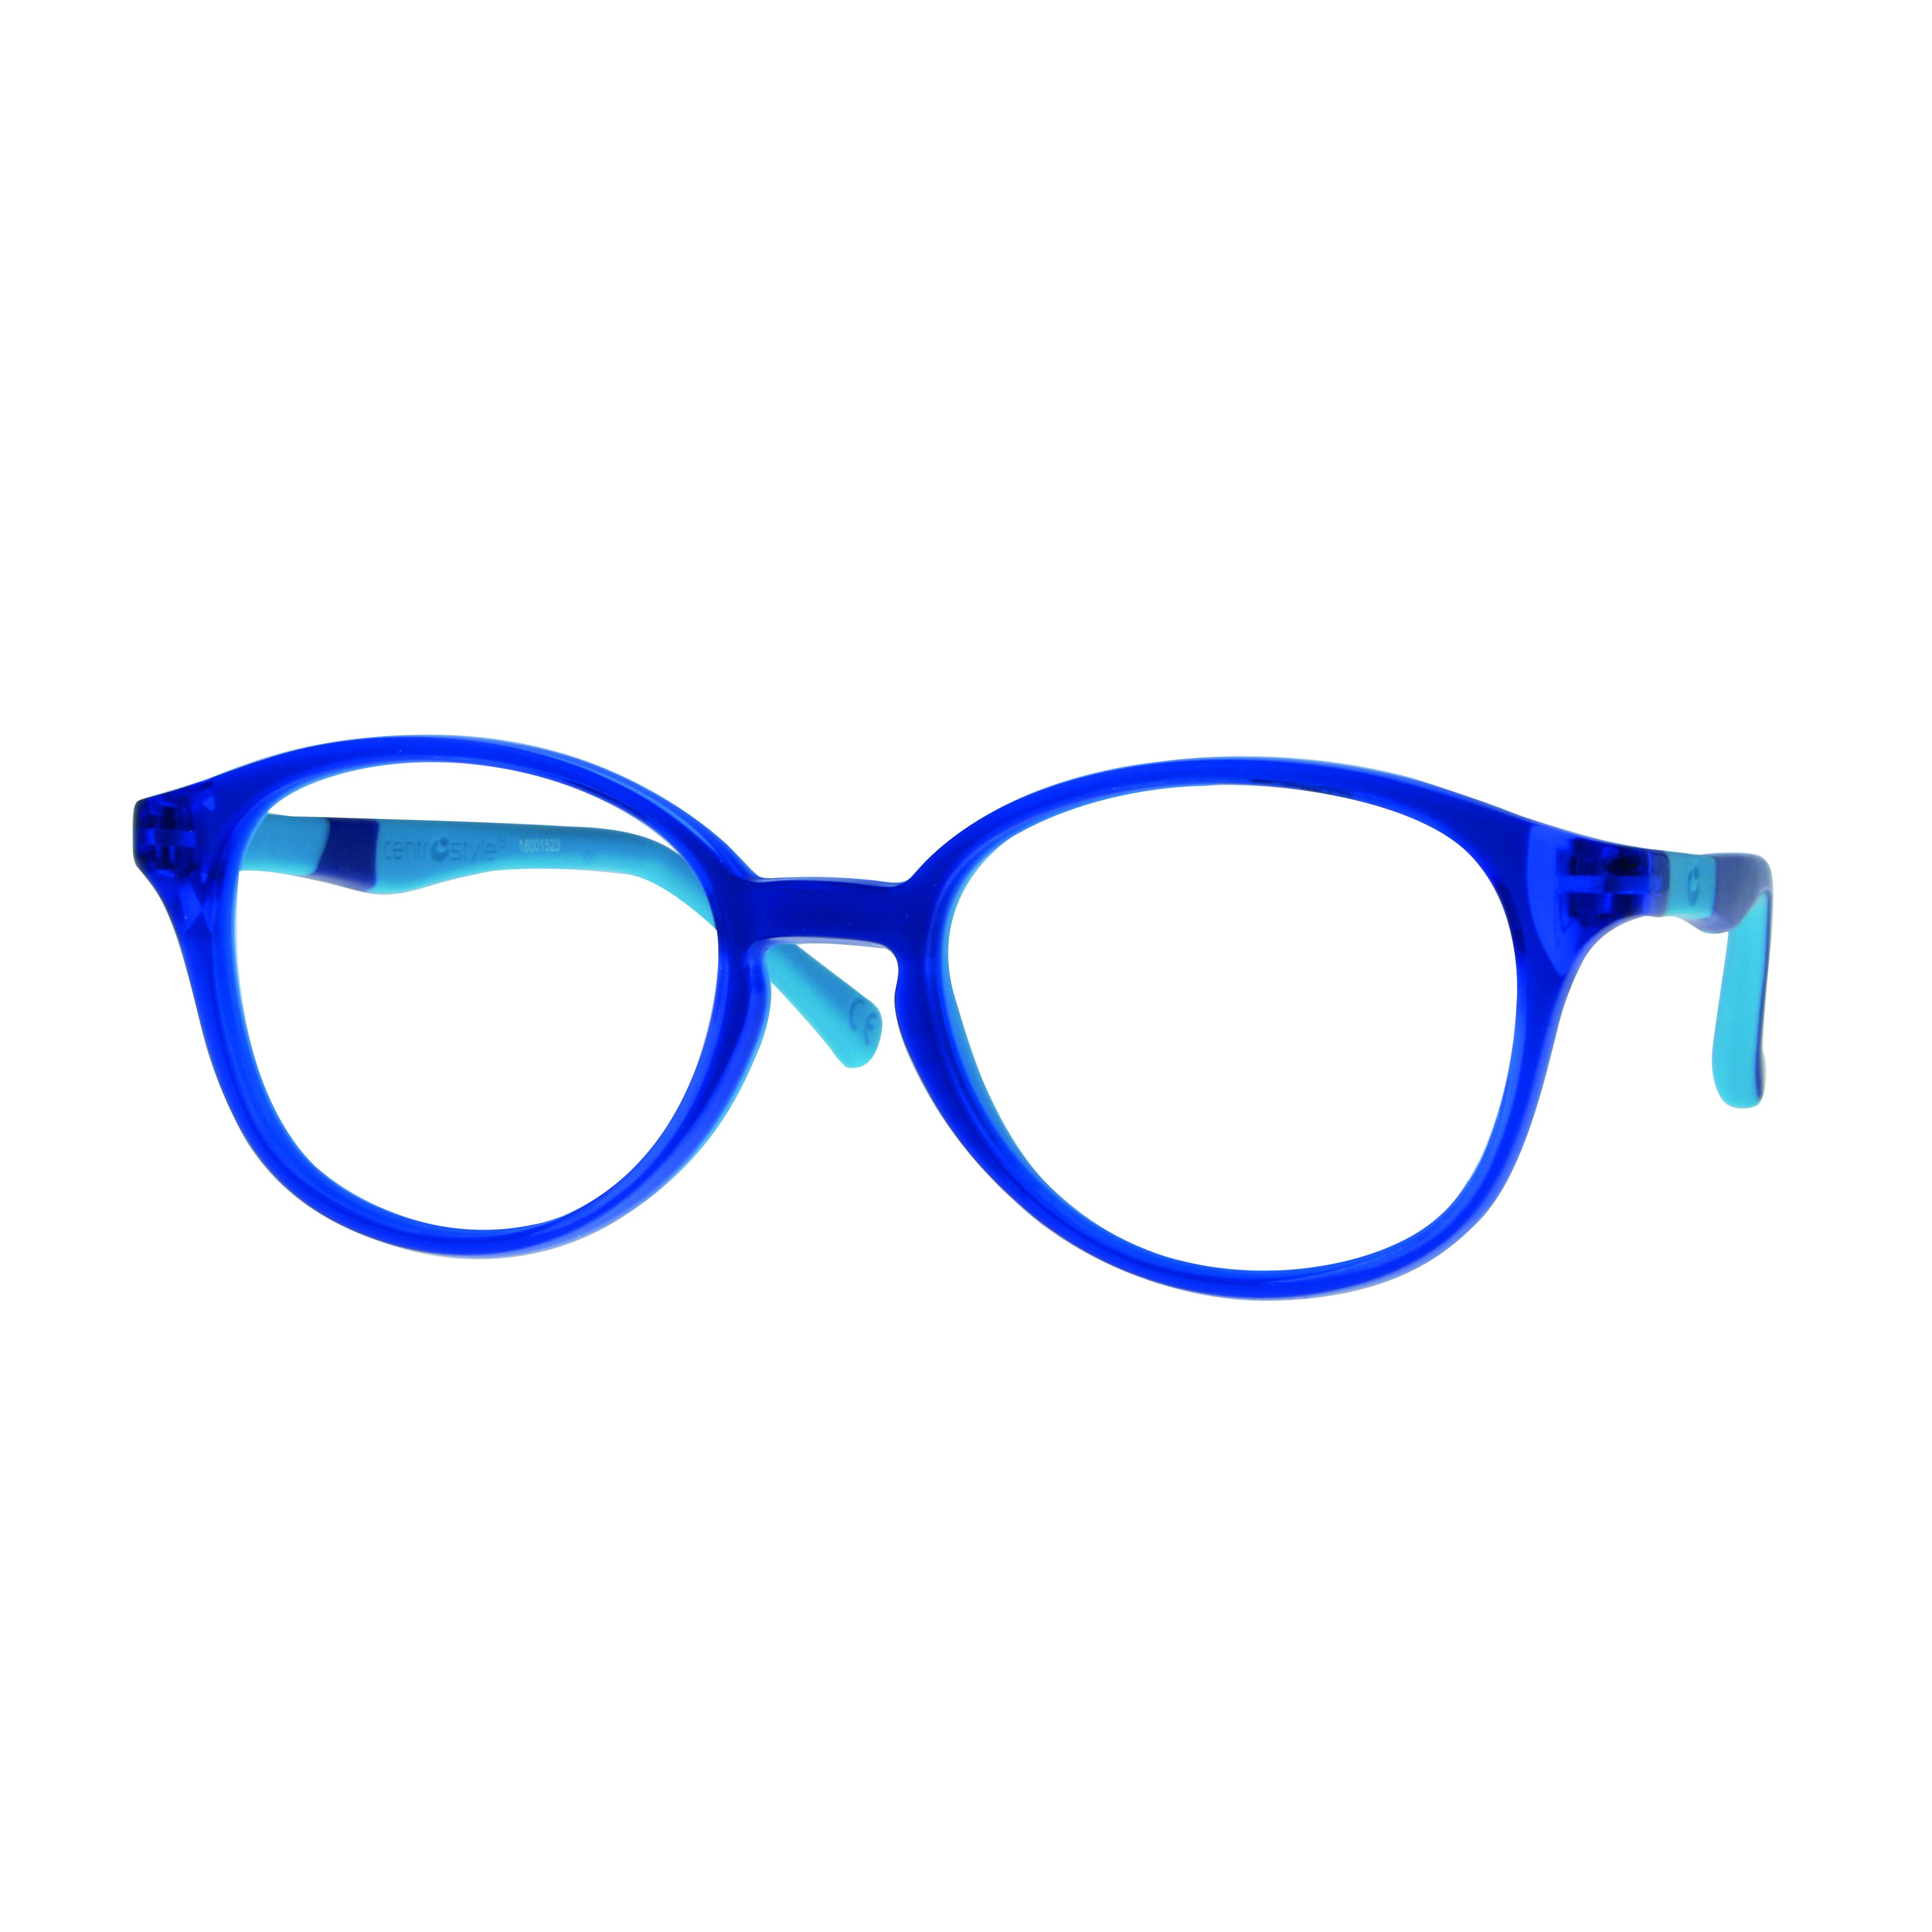 02F013745239000 - Armação Active Memory (5) 45x16 Azul Mod F013745239000 - Contém 1 Peça